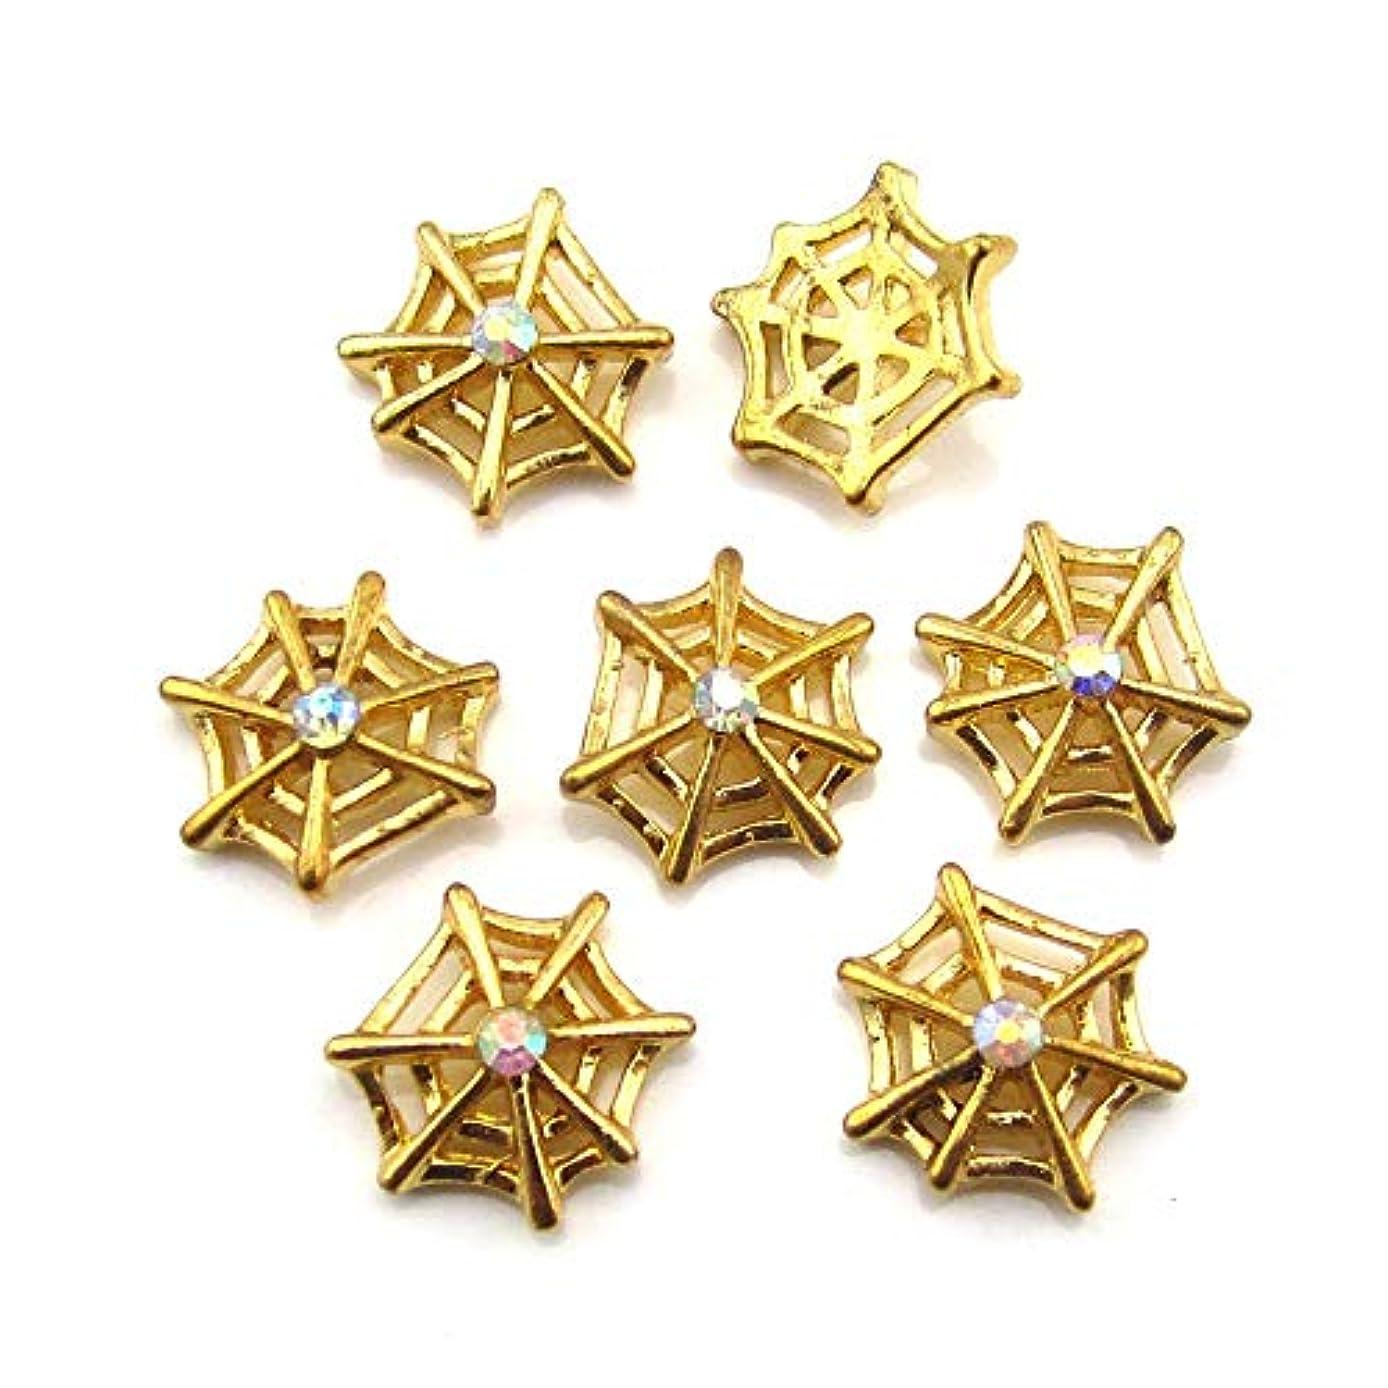 品揃え内向きナイトスポット3Dネイルアートの装飾合金10個入りゴールドスパイダーネットを